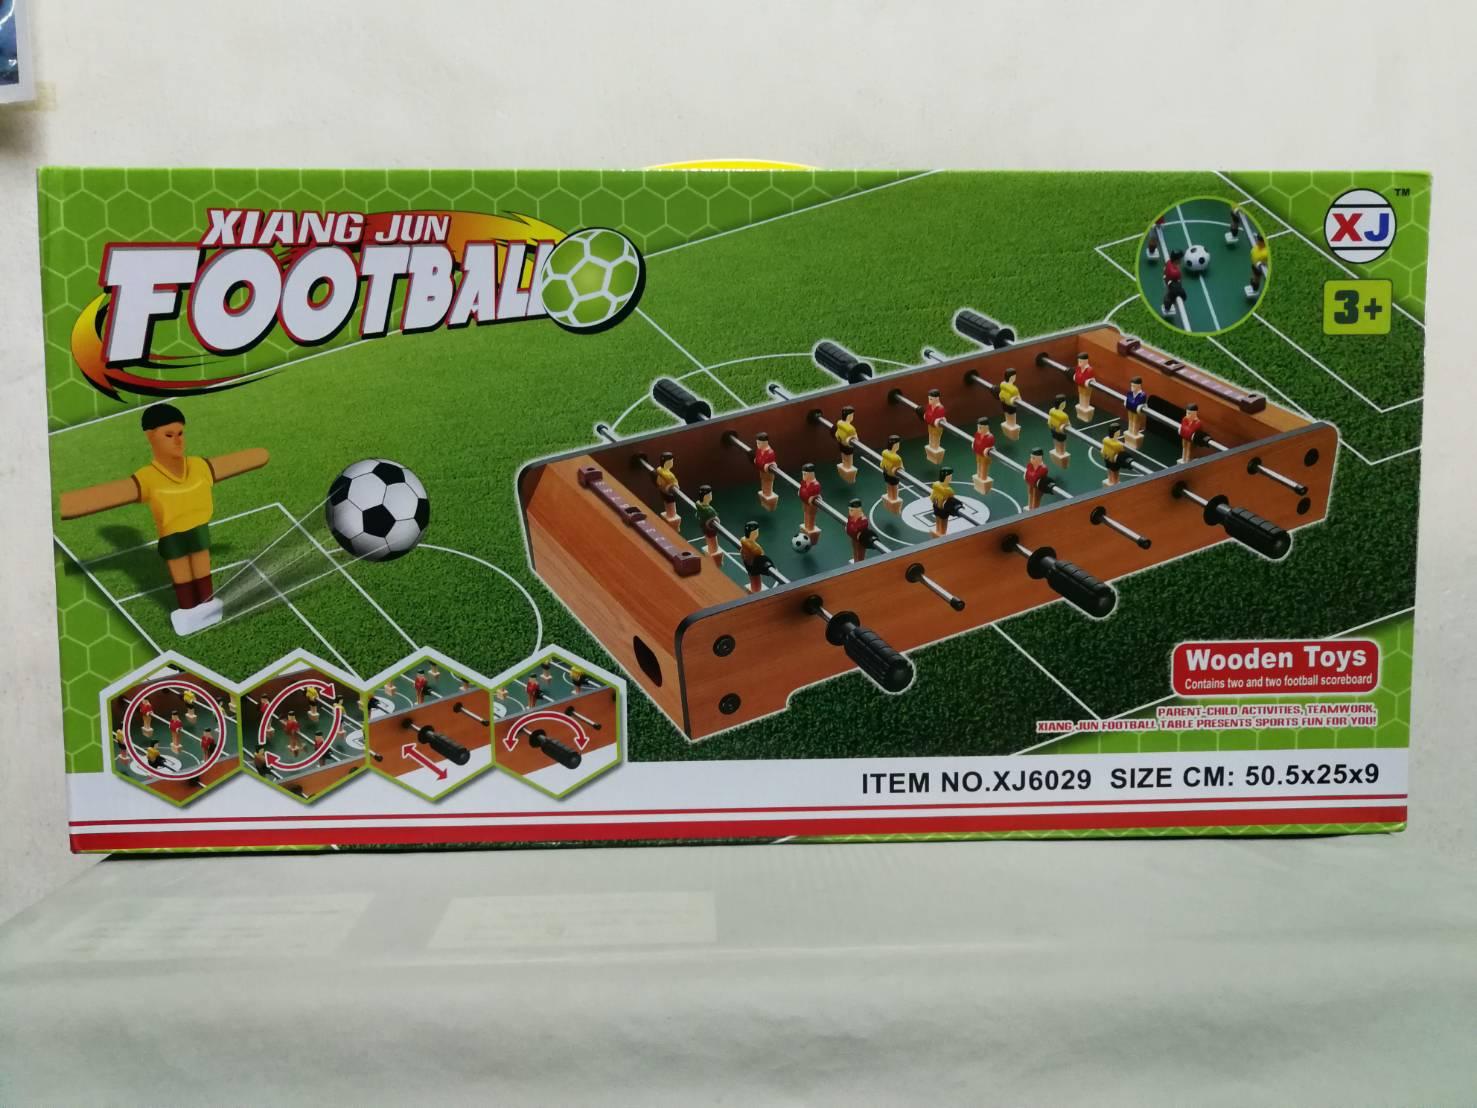 เกมฟุตบอลมือหมุนตั้งโต๊ะ